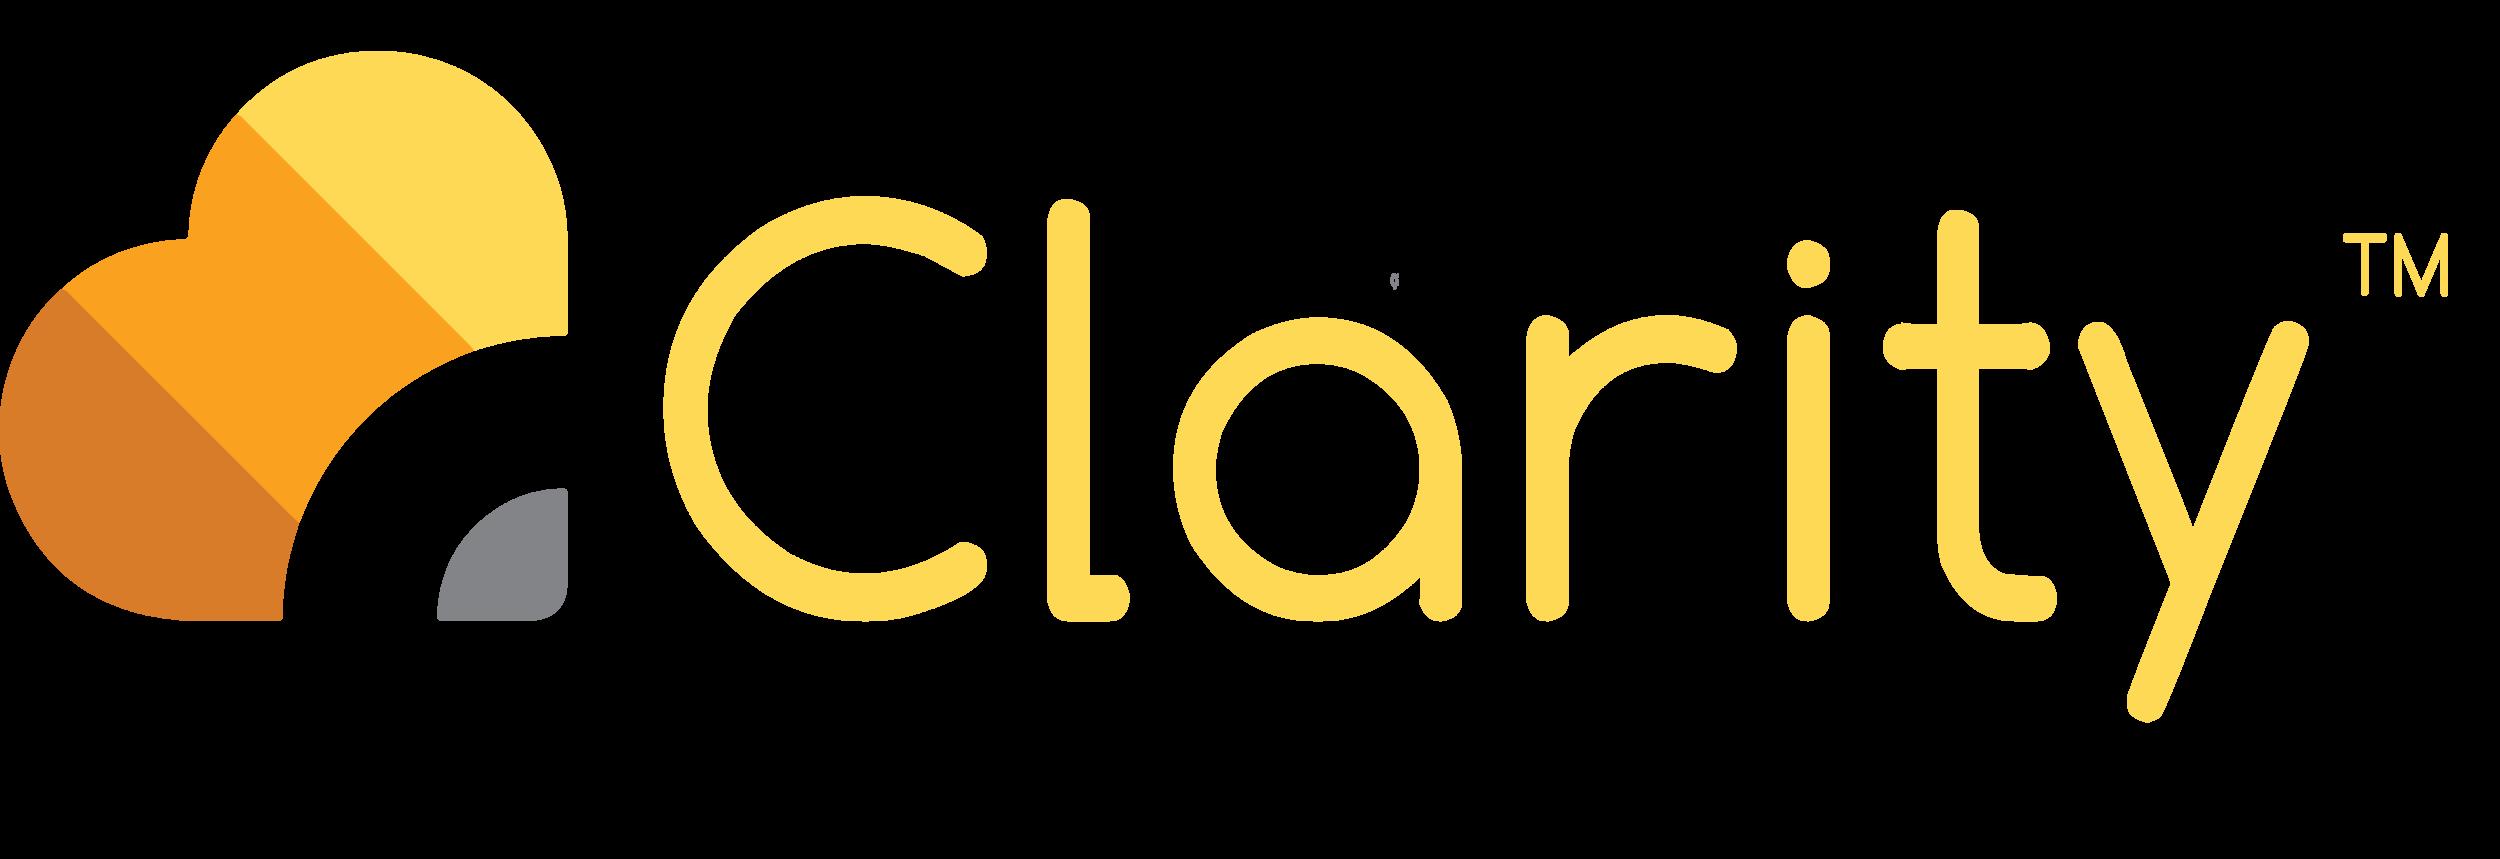 clarity logo copy 2 copy.png